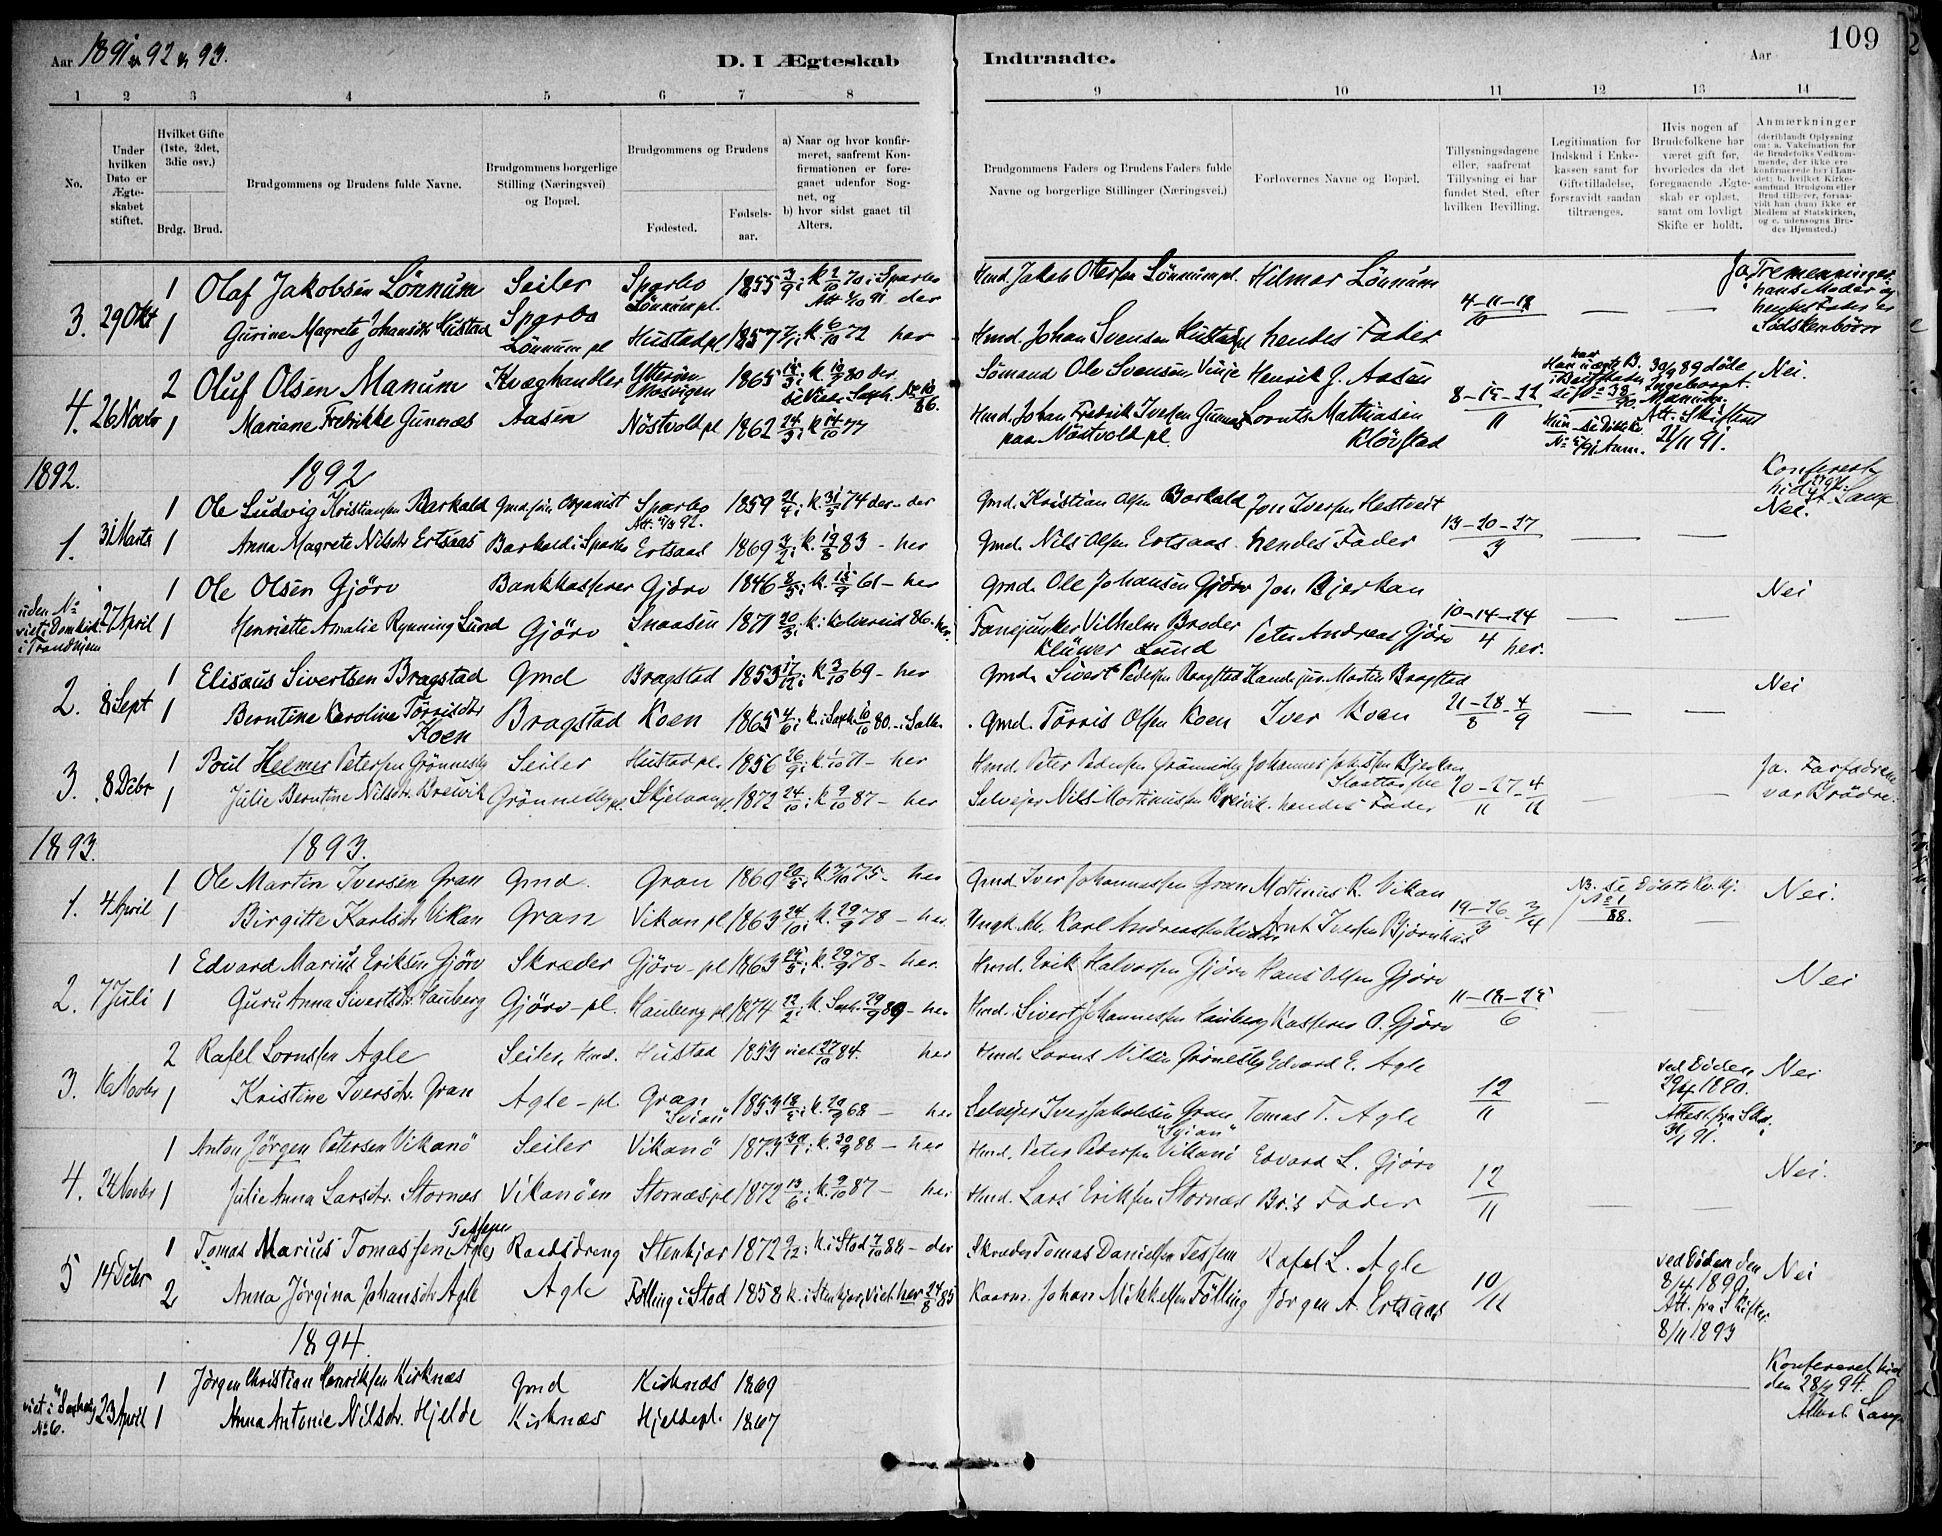 SAT, Ministerialprotokoller, klokkerbøker og fødselsregistre - Nord-Trøndelag, 732/L0316: Ministerialbok nr. 732A01, 1879-1921, s. 109